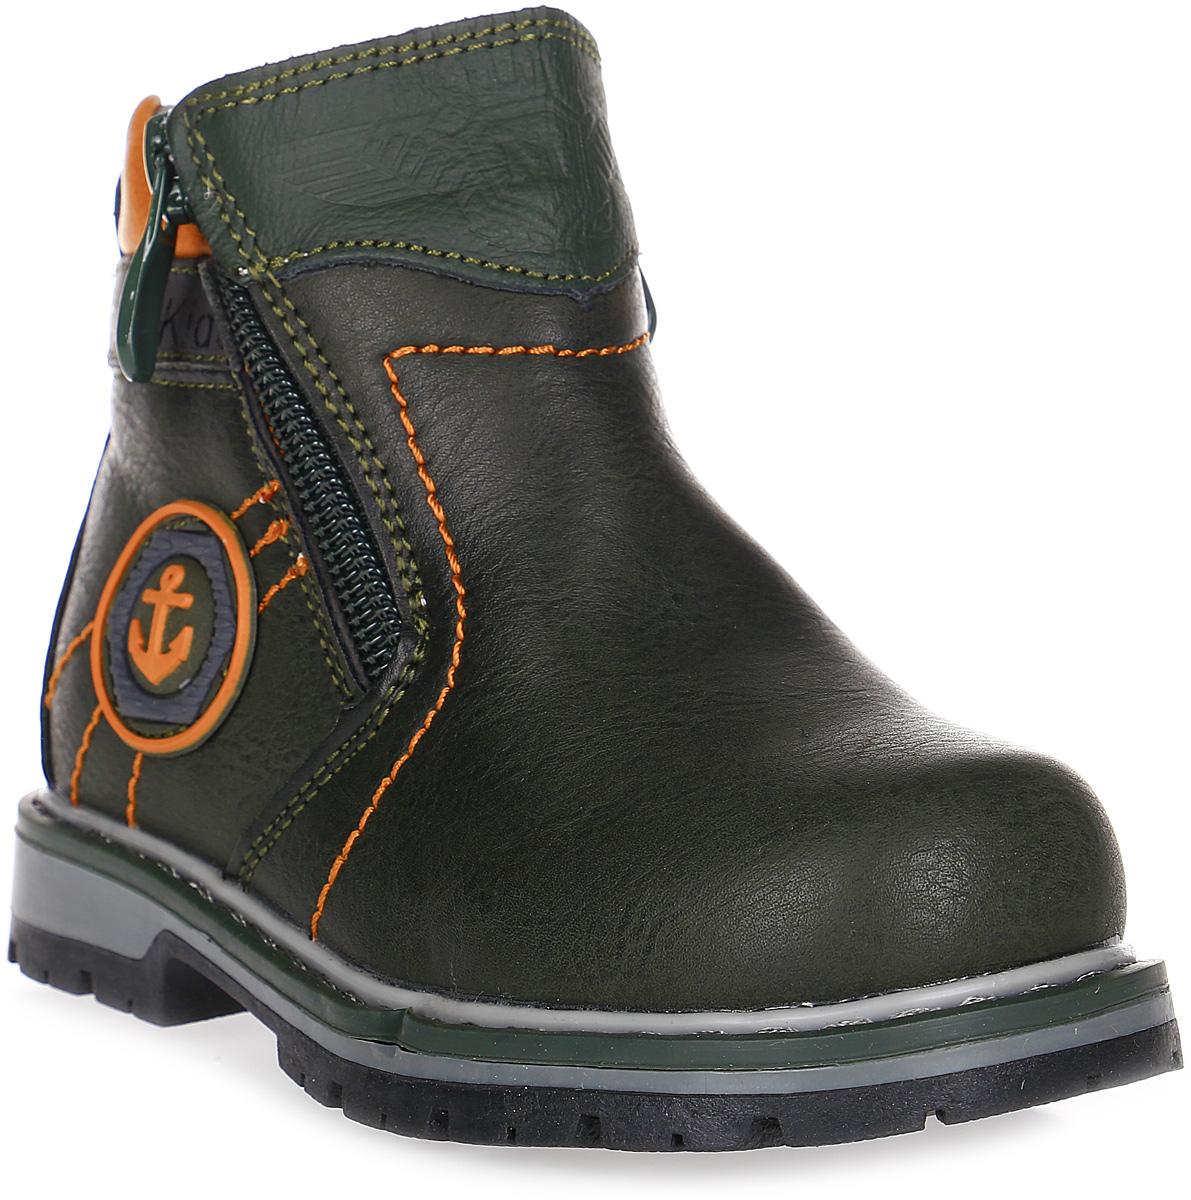 Ботинки для мальчика Счастливый ребенок, цвет: черный, оранжевый. E7126-5. Размер 26E7126-5Ботинки для мальчика Счастливый ребенок выполнены из искусственной кожи. Подошва изготовлена из легкого, гибкого и прочного термопластичного материала. Она обеспечивает отличную амортизацию и смягчает удары от соприкосновения обуви с поверхностью, а протектор подошвы создает надежное сцепление с землей или асфальтом. Внутренняя поверхность и стелька изготовлены из текстиля. Модель застегивается на молнию с двух сторон.